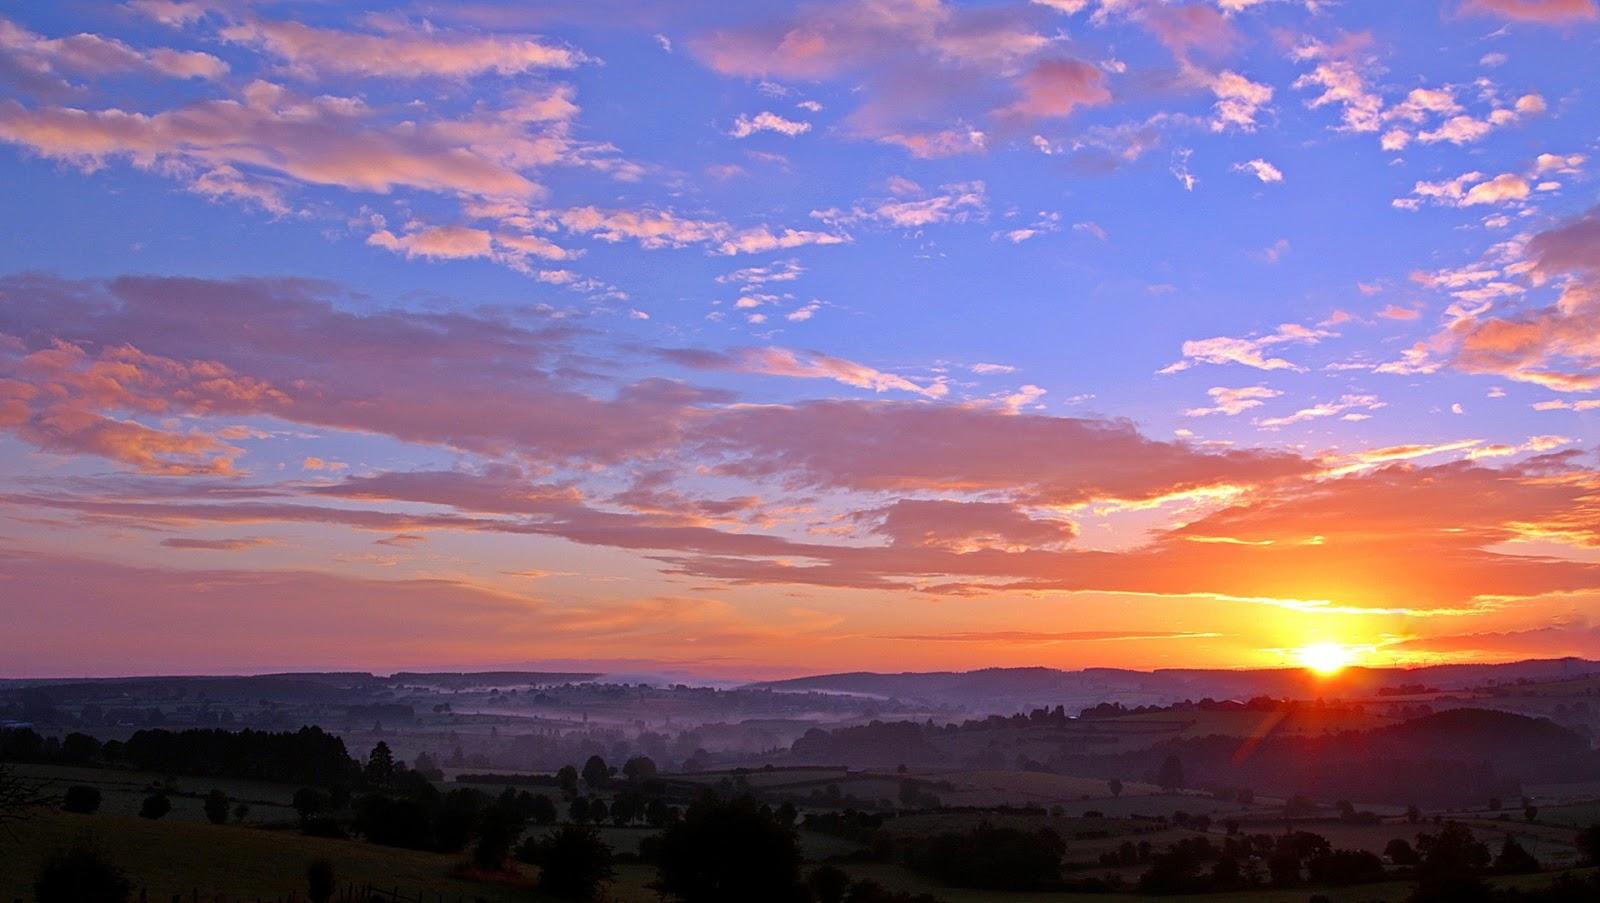 Unduh 97+ Gambar Pemandangan Indah Di Pagi Hari Paling Bagus Gratis